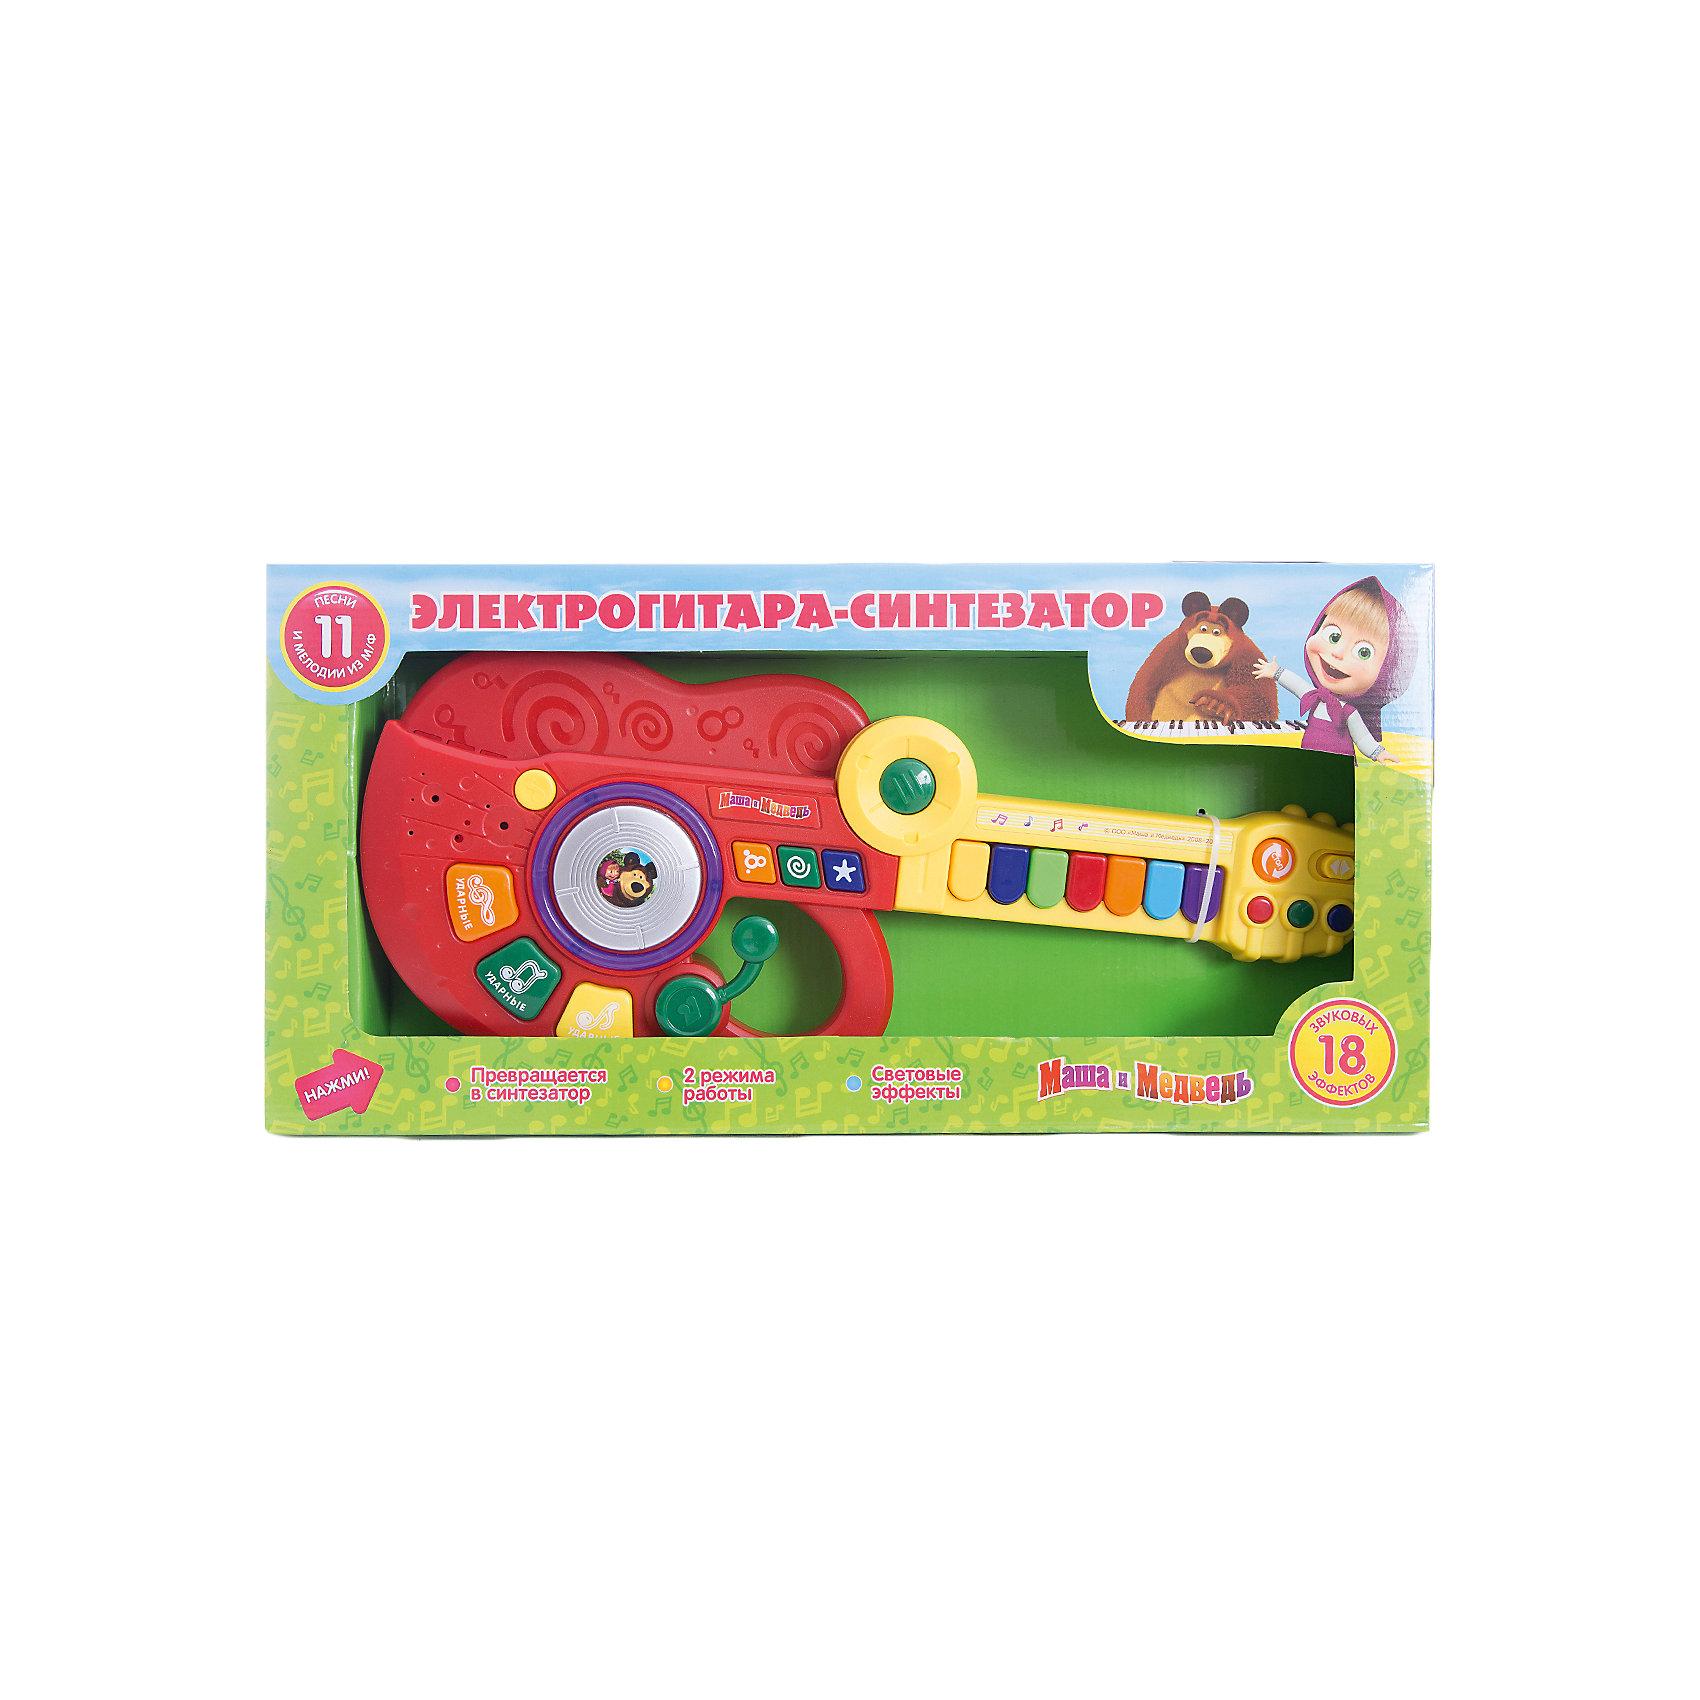 Гитара-синтезатор Маша и медведь, Играем вместеИгрушки<br>Гитара-синтезатор Маша и медведь, Играем вместе — привлекательная игрушка для юных музыкантов. Сочинять свою музыку теперь можно с героями любимого мультсериала про Машу и Медведя! <br>Гитара имеет два режима работы:<br><br>- Режим проигрывания песенок. Нажимая на кнопочку, ребенок будет слышать песенку<br>- Режим свободной игры. Ребенок может самостоятельно придумывать свои мелодии, нажимая на клавиши.<br><br>Играя с гитарой-синтезатором ребёнок будет тренировать слуховое восприятие, которое является залогом развития речи.<br><br>Гитара-синтезатор «Маша и Медведь» станет прекрасным подарком для самых маленьких!<br><br>Дополнительная информация:<br><br>- 7 песенок<br>- Материал: высококачественная пластмасса<br>- Размеры упаковки(ДхШхВ): 7 x 47 x 23 см<br>- Вес: 690 г.<br><br>Игрушку Гитара-синтезатор Маша и медведь, Играем вместе можно купить в нашем интернет-магазине.<br><br>Ширина мм: 70<br>Глубина мм: 470<br>Высота мм: 230<br>Вес г: 690<br>Возраст от месяцев: 36<br>Возраст до месяцев: 1188<br>Пол: Унисекс<br>Возраст: Детский<br>SKU: 3482908